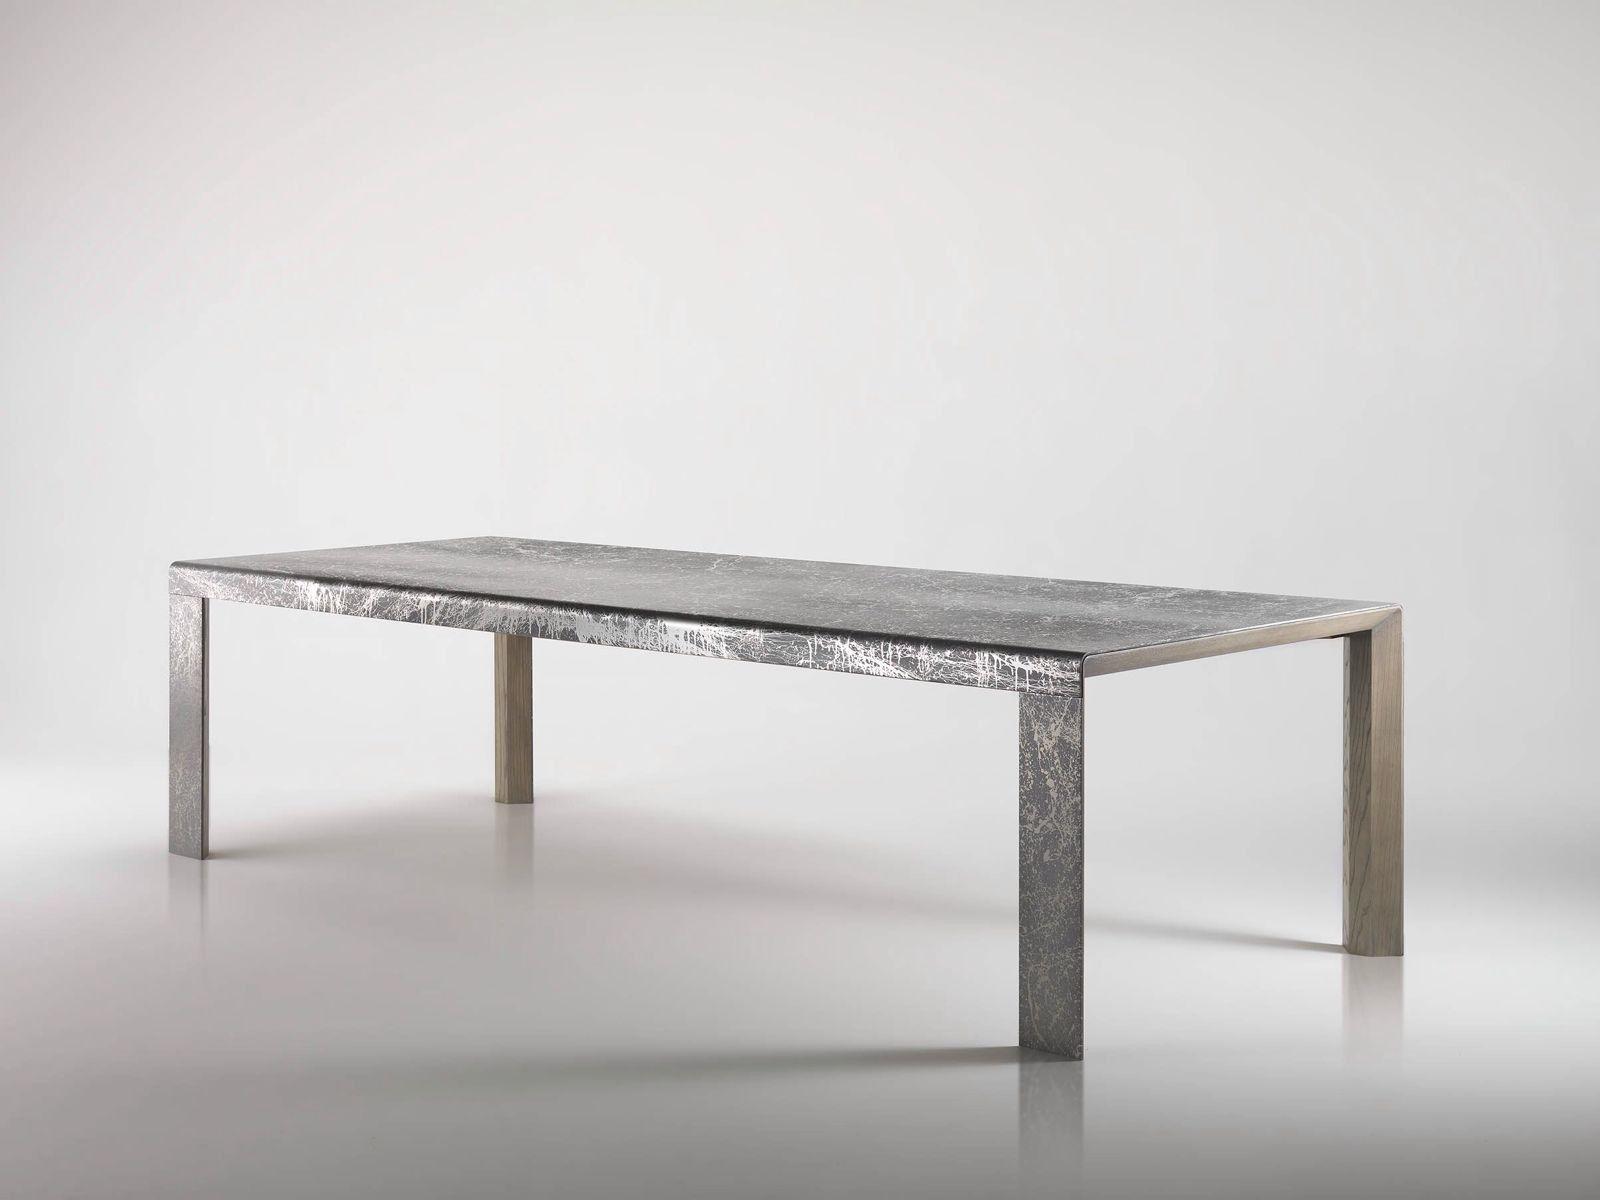 Rivestimento Tavolo ~ Tavolo con rivestimento in metallo materico effetto lunare